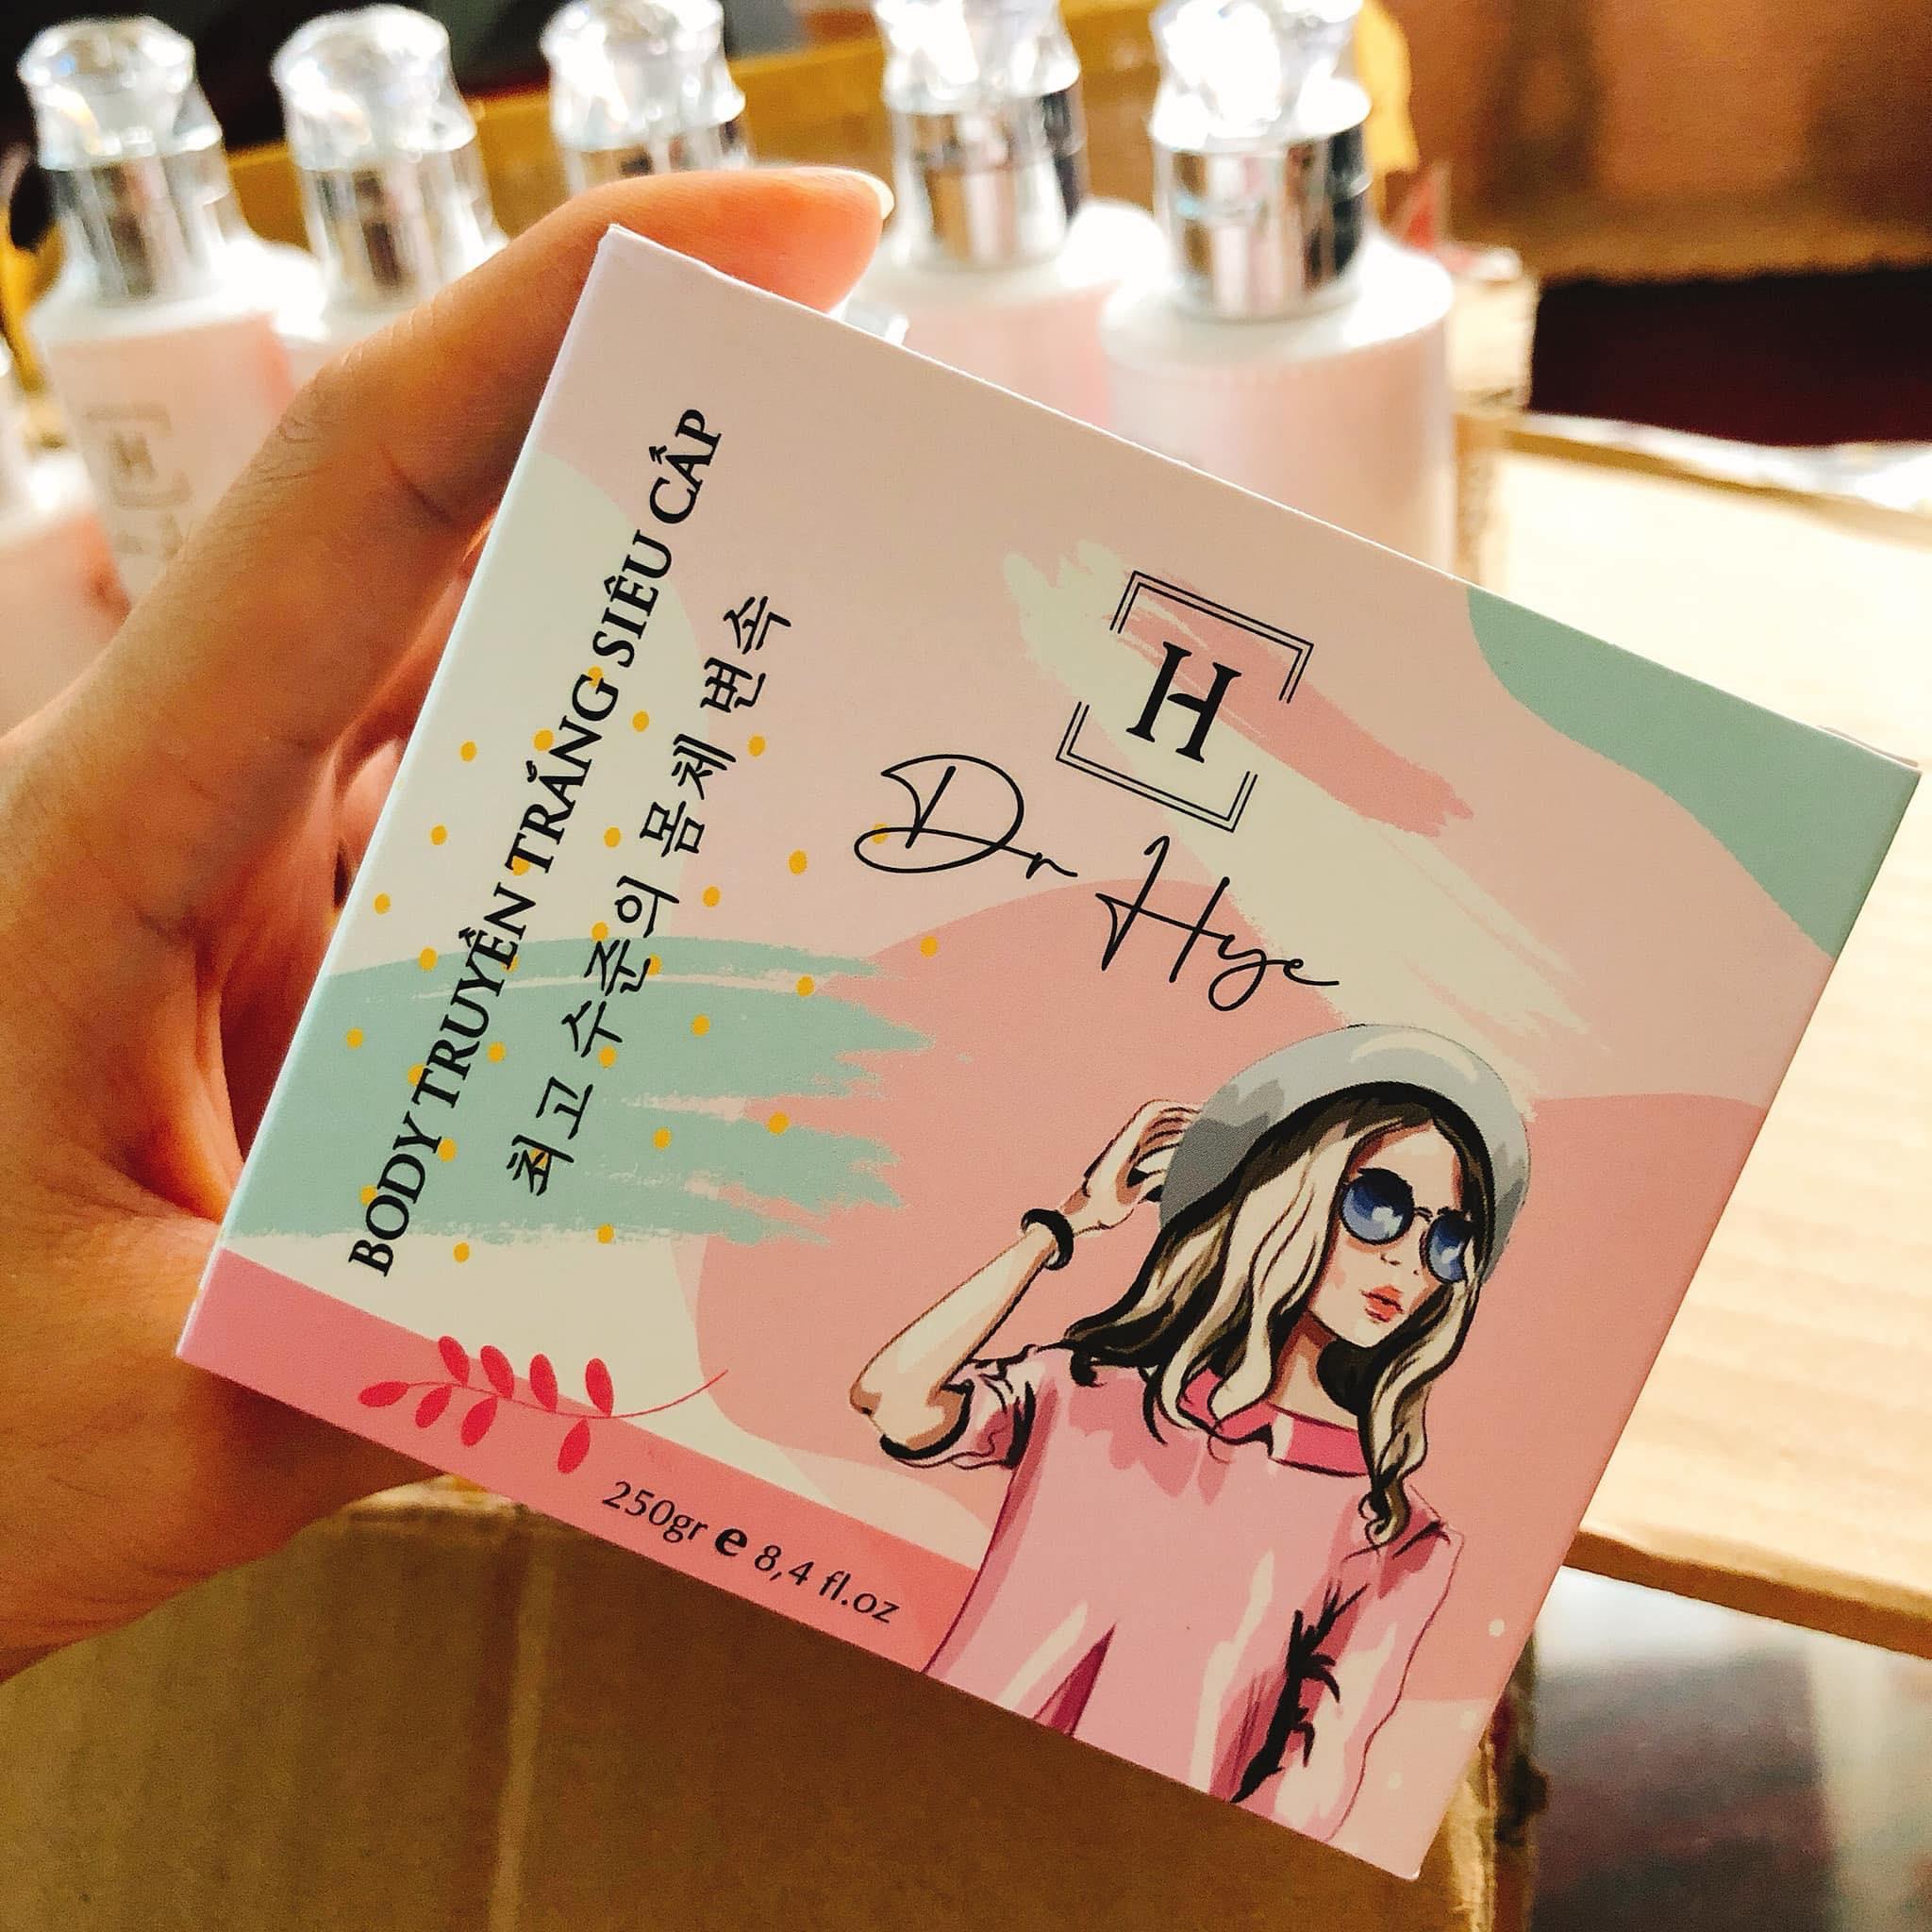 Đơn vị sản xuất Body truyền trắng siêu tốc Dr Hye có dấu hiệu lưu hành trái phép sản phẩm.